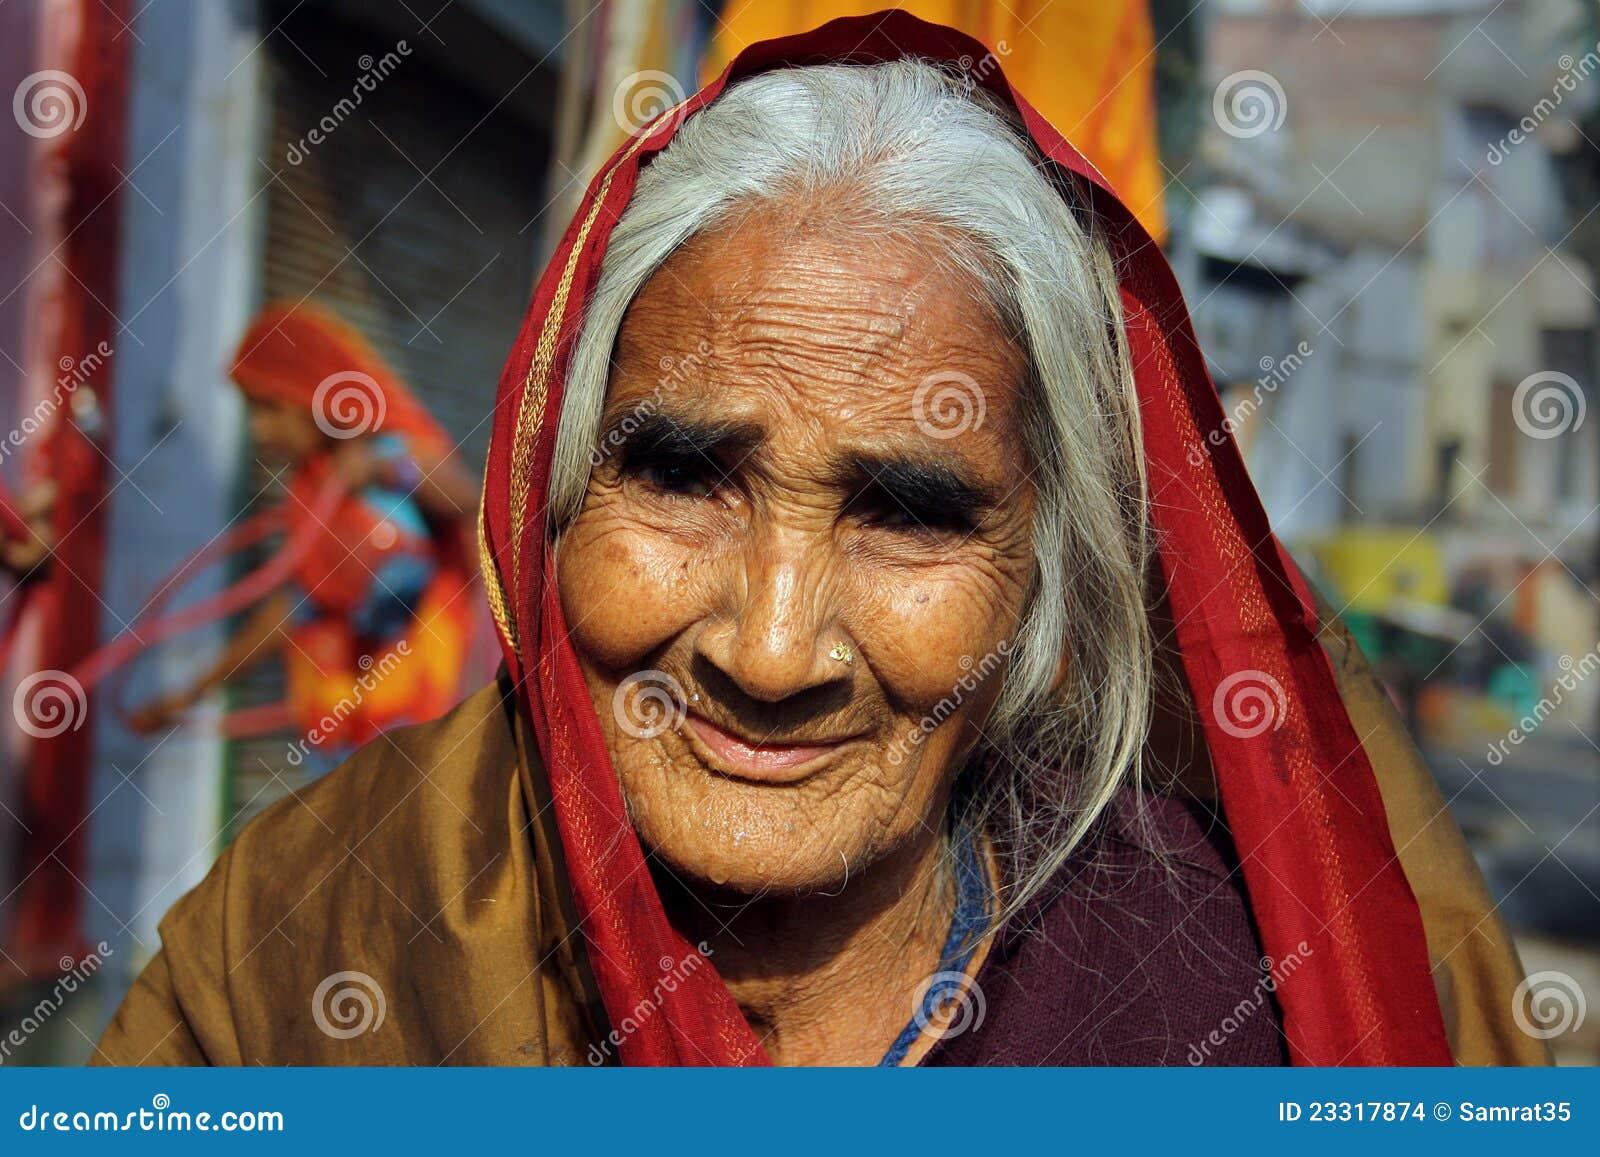 Witwen aus IndienZwei meiner Freunde datieren